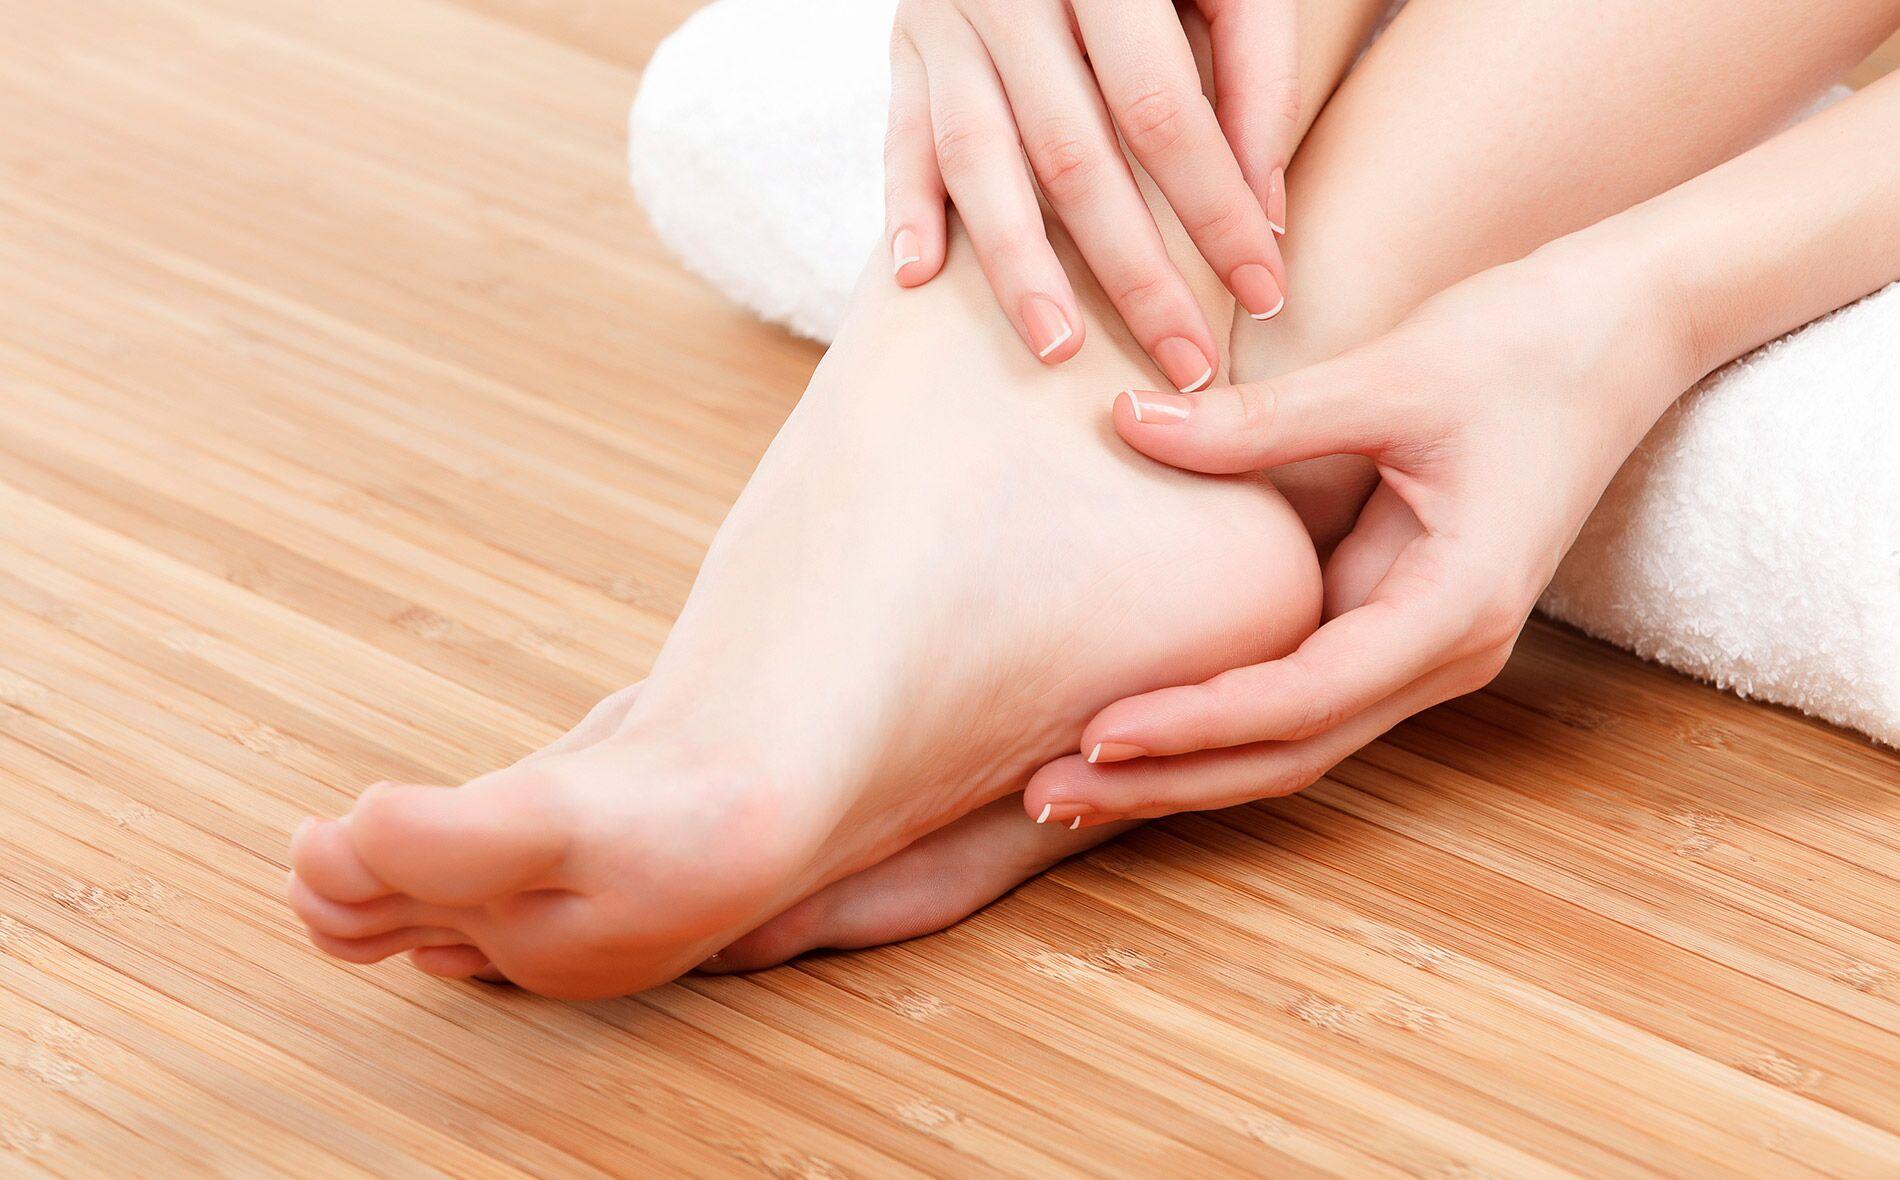 O que o formato dos seus pés tem a dizer sobre você?